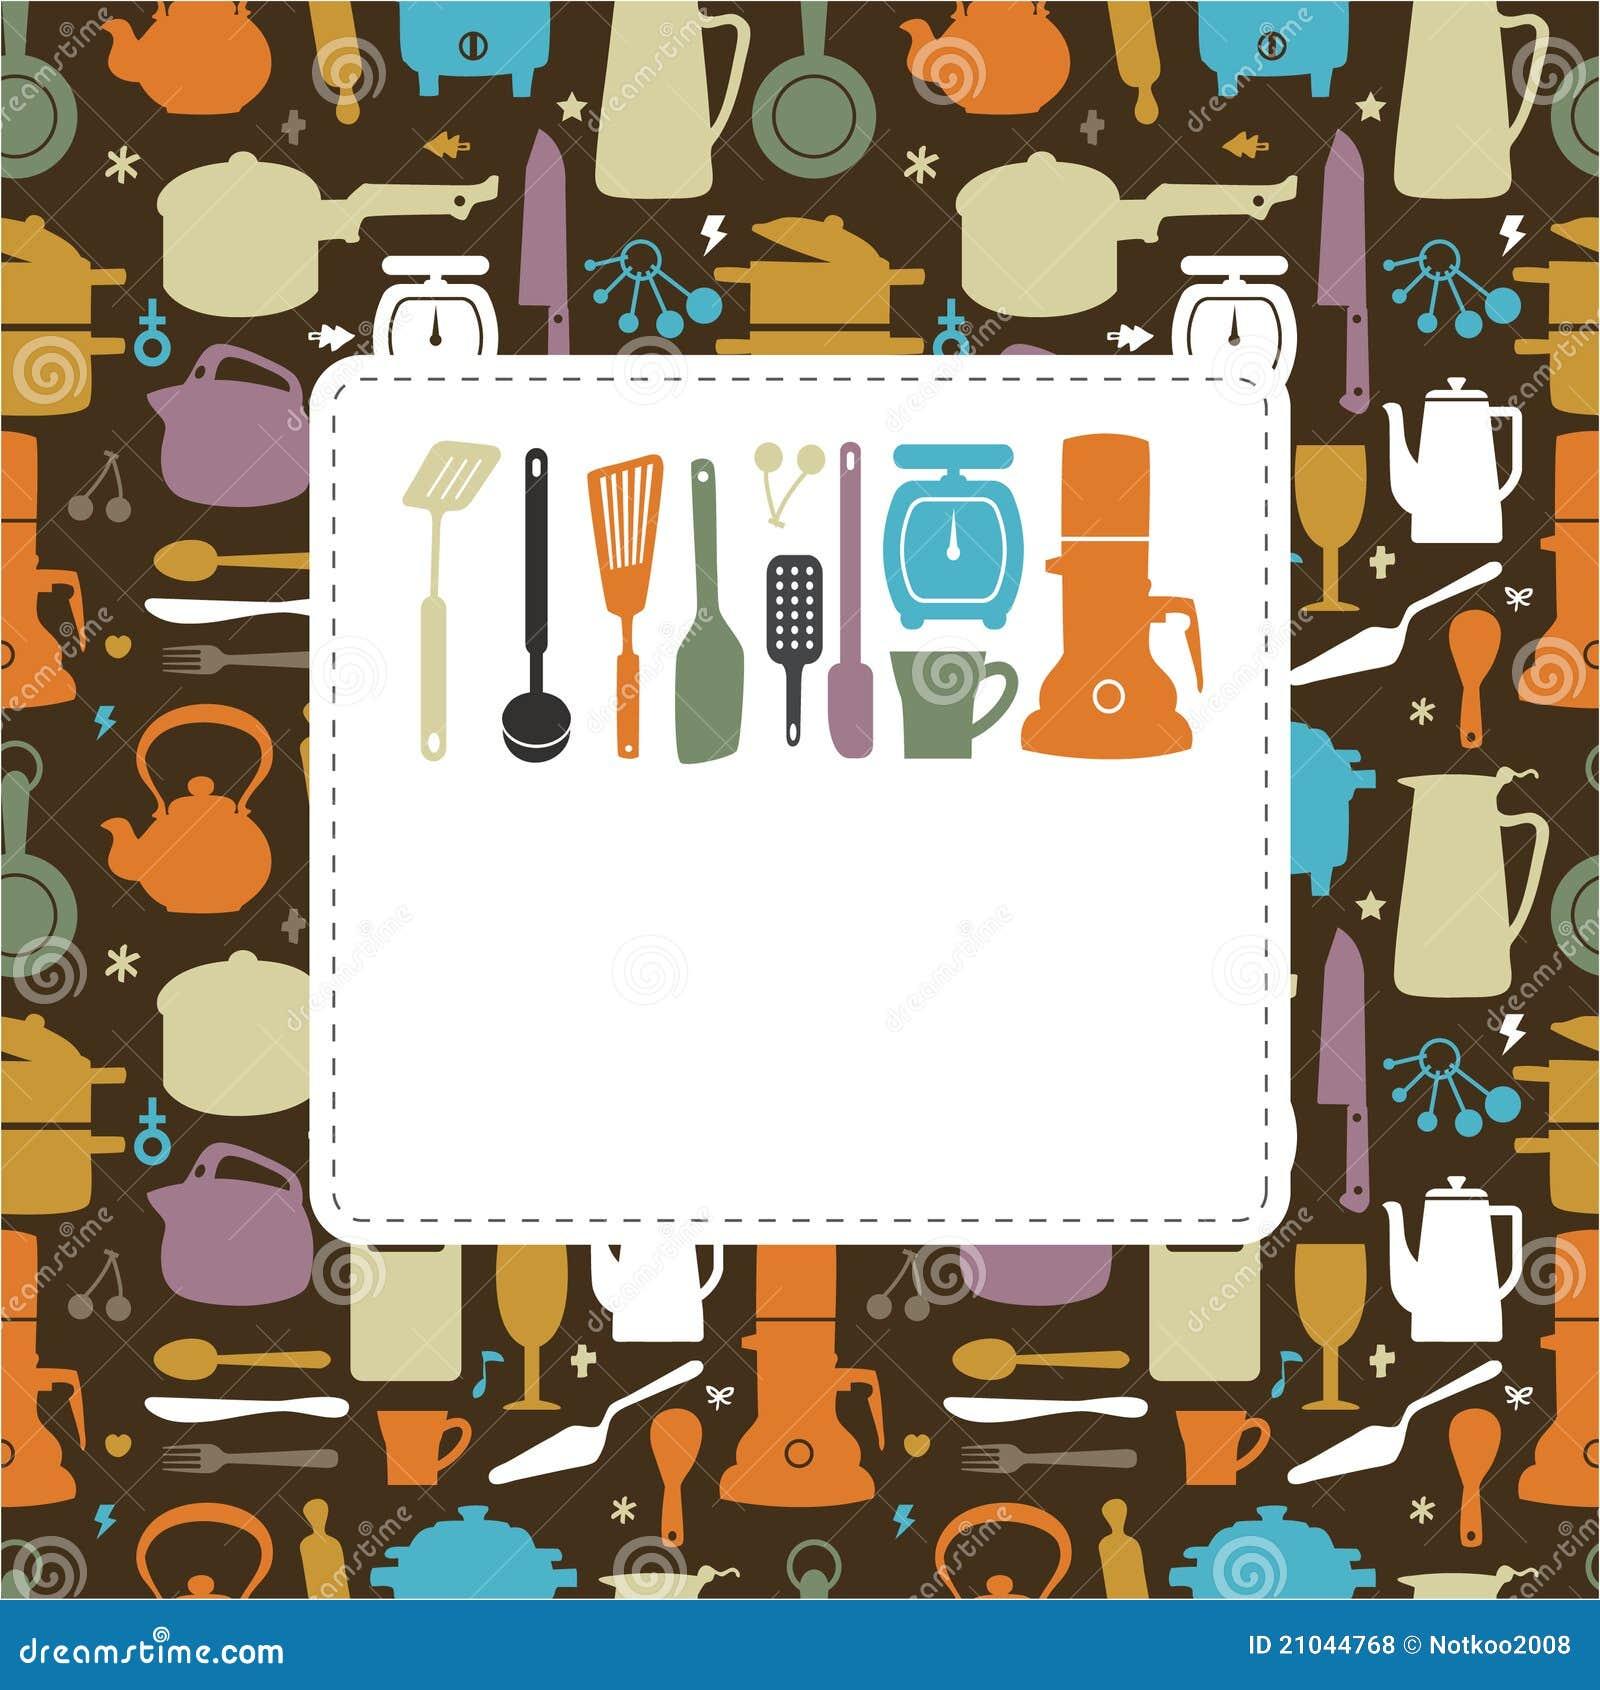 Mais imagens similares de ` Cartão da cozinha dos desenhos animados ` #AB6620 1300 1390